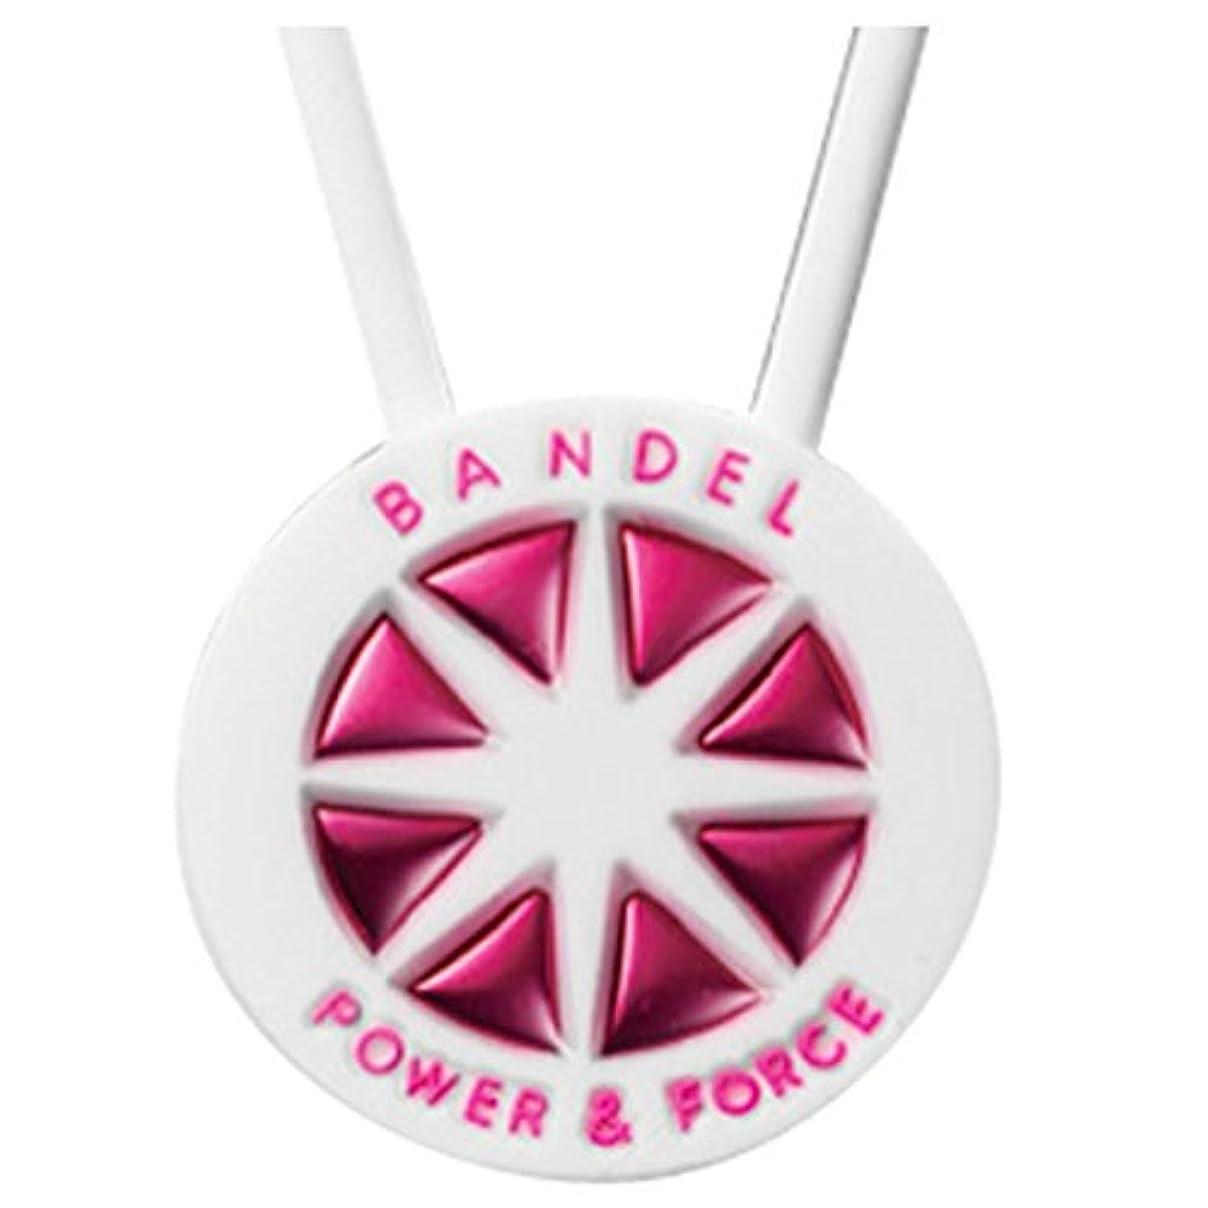 病的パーティー著者バンデル(BANDEL)ネックレス[ホワイト×ピンク]レギュラータイプ(45cm)/正規品 シリコン製 アクセサリー スポーツ ゴルフ